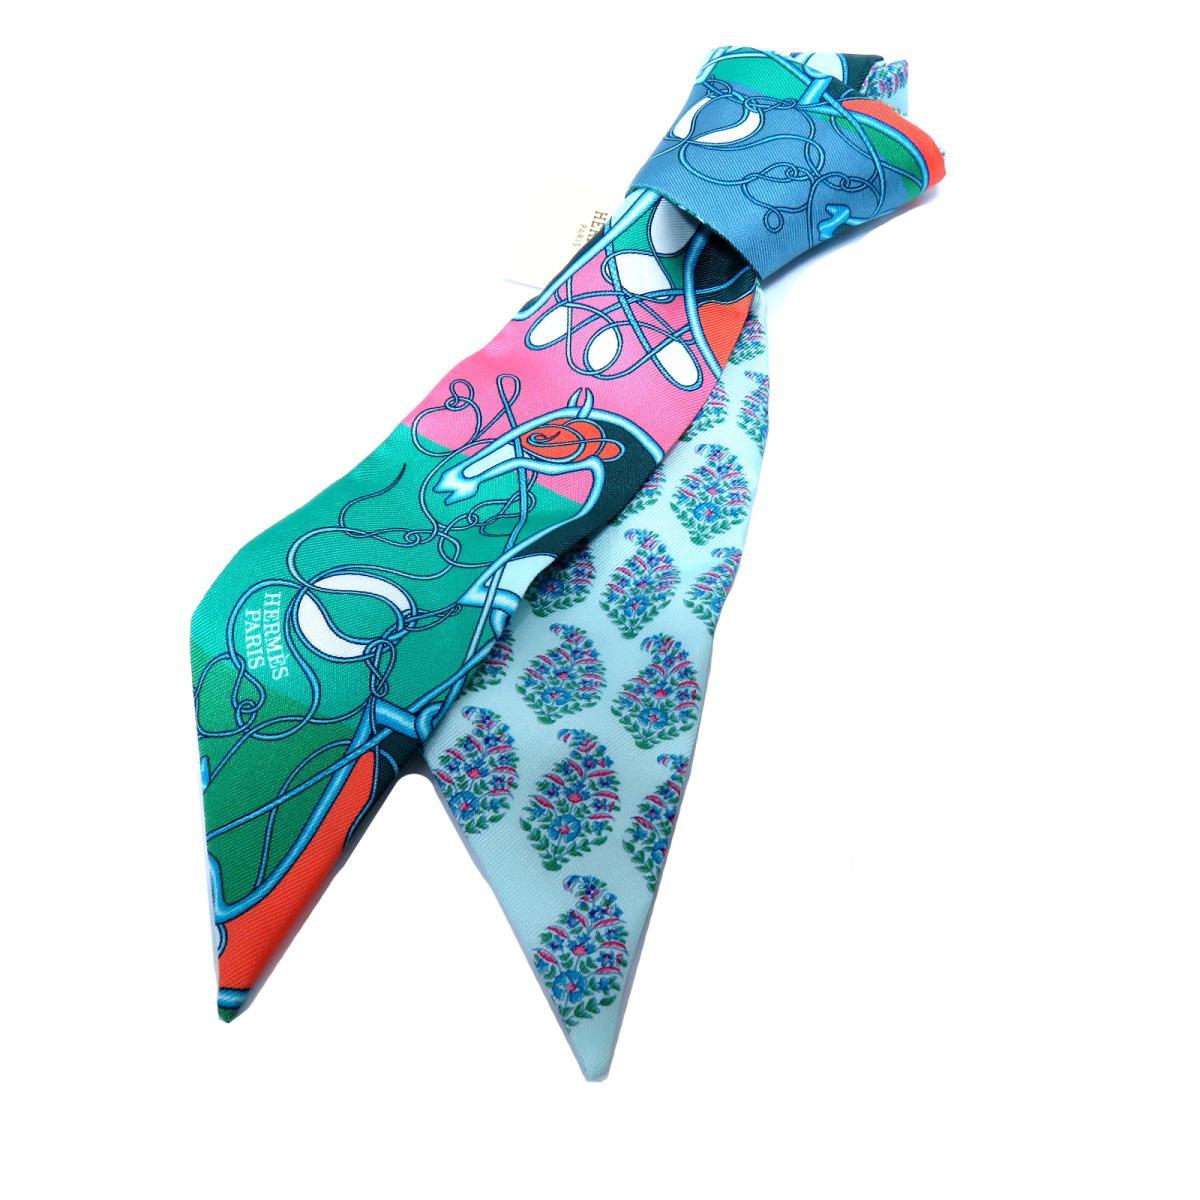 エルメス トゥイリー スカーフ 衣料品 レディース シルク VERT/BLEU/CORA | HERMES BRANDOFF ブランドオフ ブランド